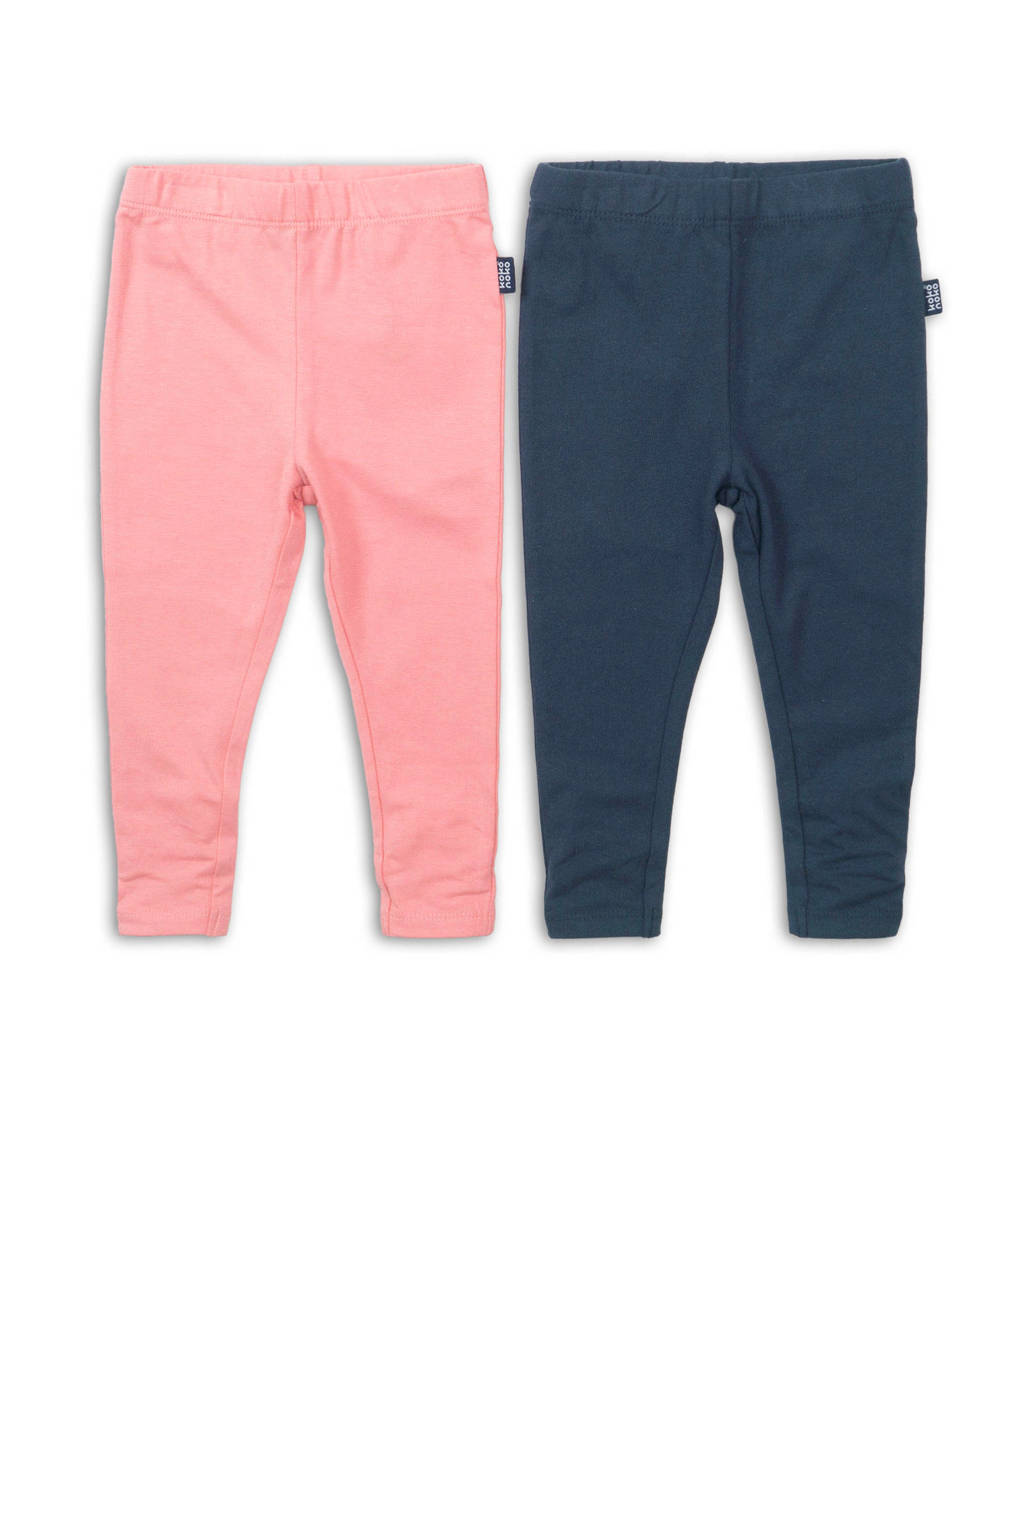 Koko Noko legging - set van 2 roze/blauw, Roze/blauw